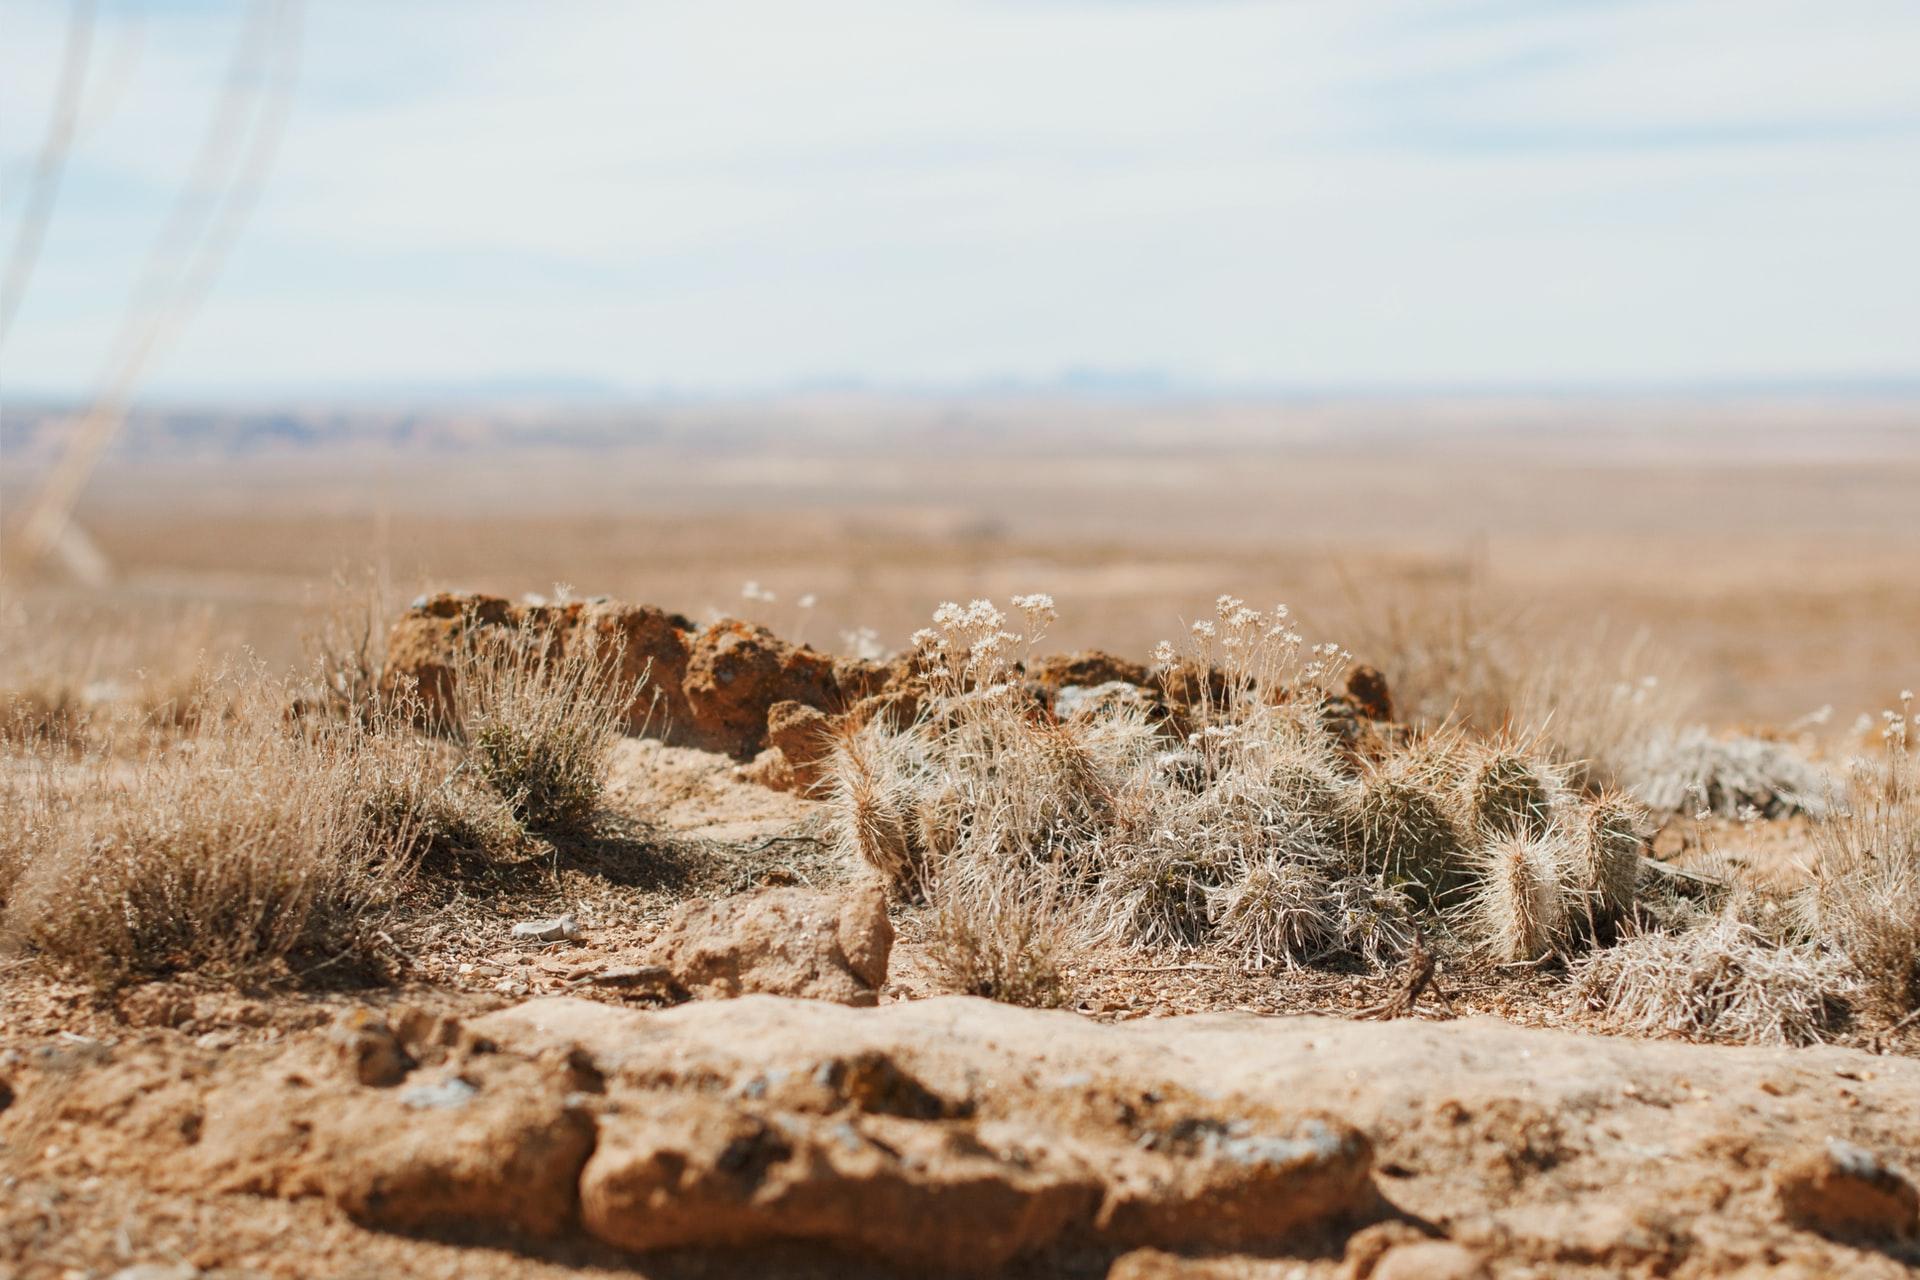 砂漠化の原因と影響